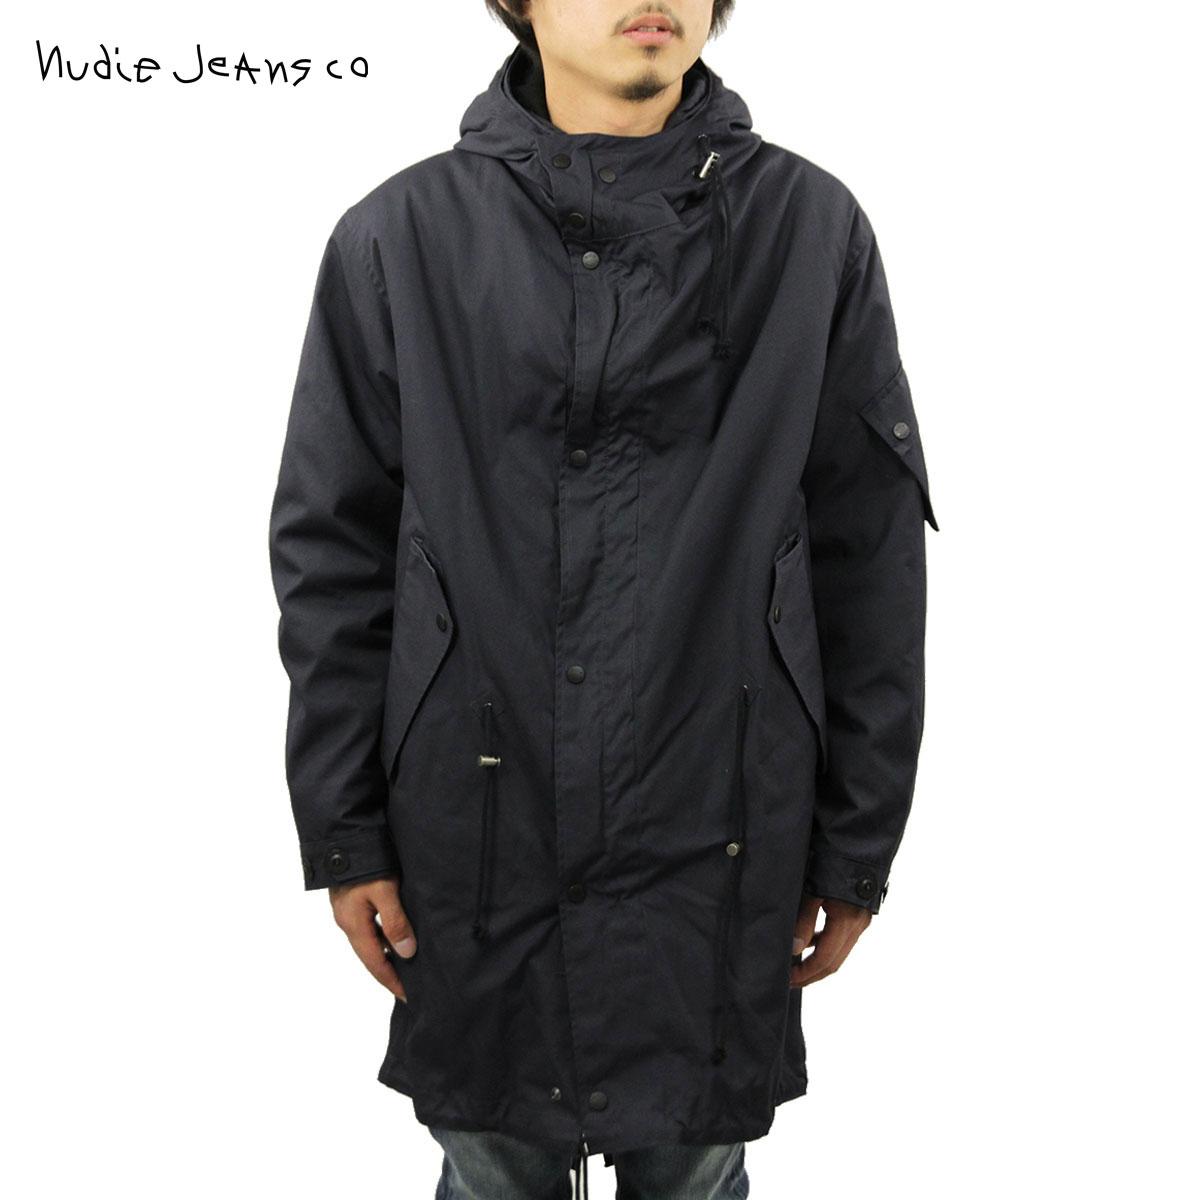 ヌーディージーンズ Nudie Jeans 正規販売店 メンズ アウターコート Karl B25 Navy 160457 D00S20